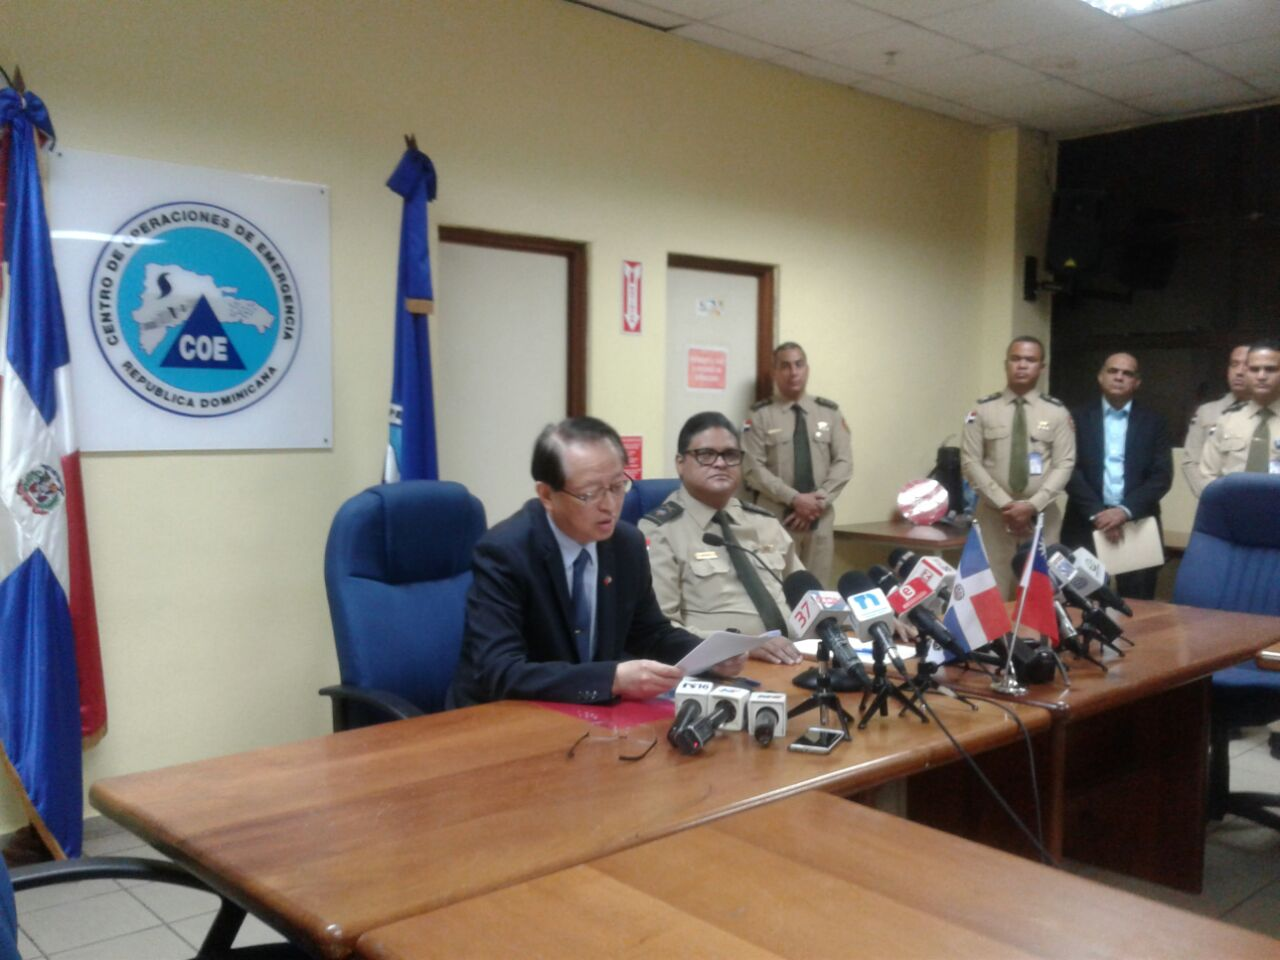 COE queda desactivado en cuanto al seguimiento de afectados por huracán María